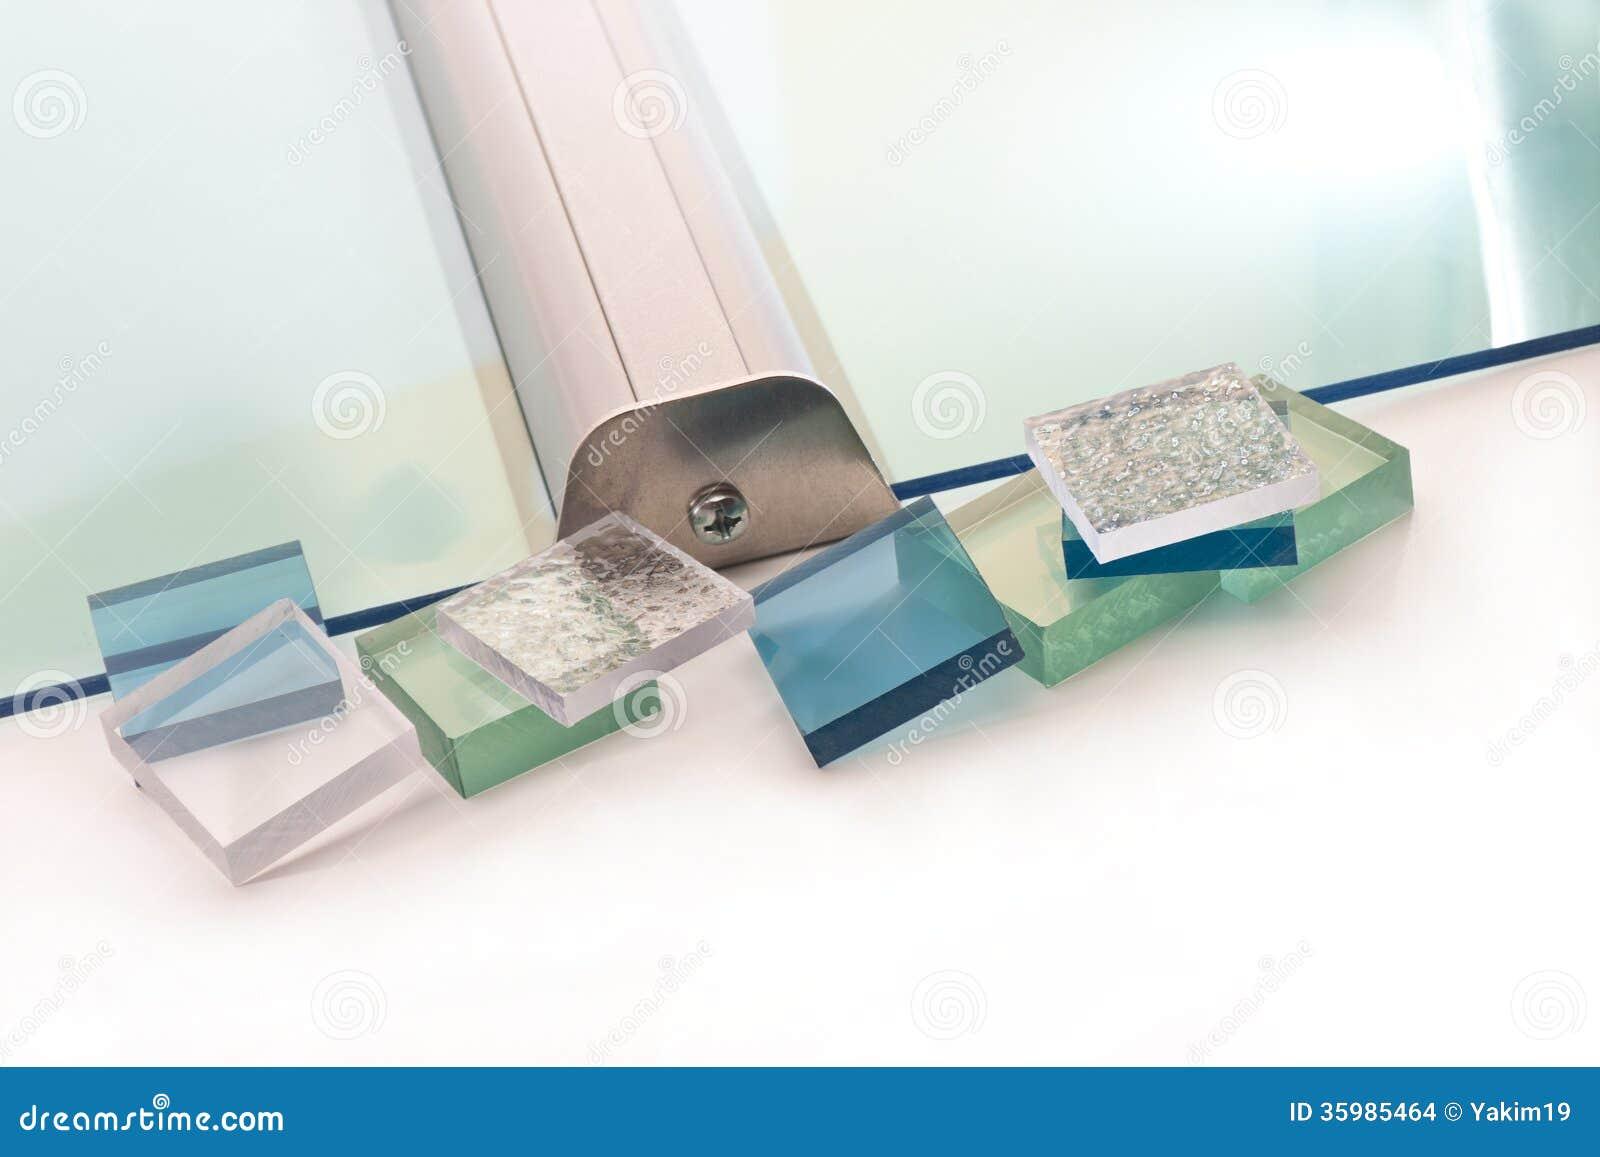 Tejado transparente imagenes de archivo imagen 35985464 for Plastico para tejados